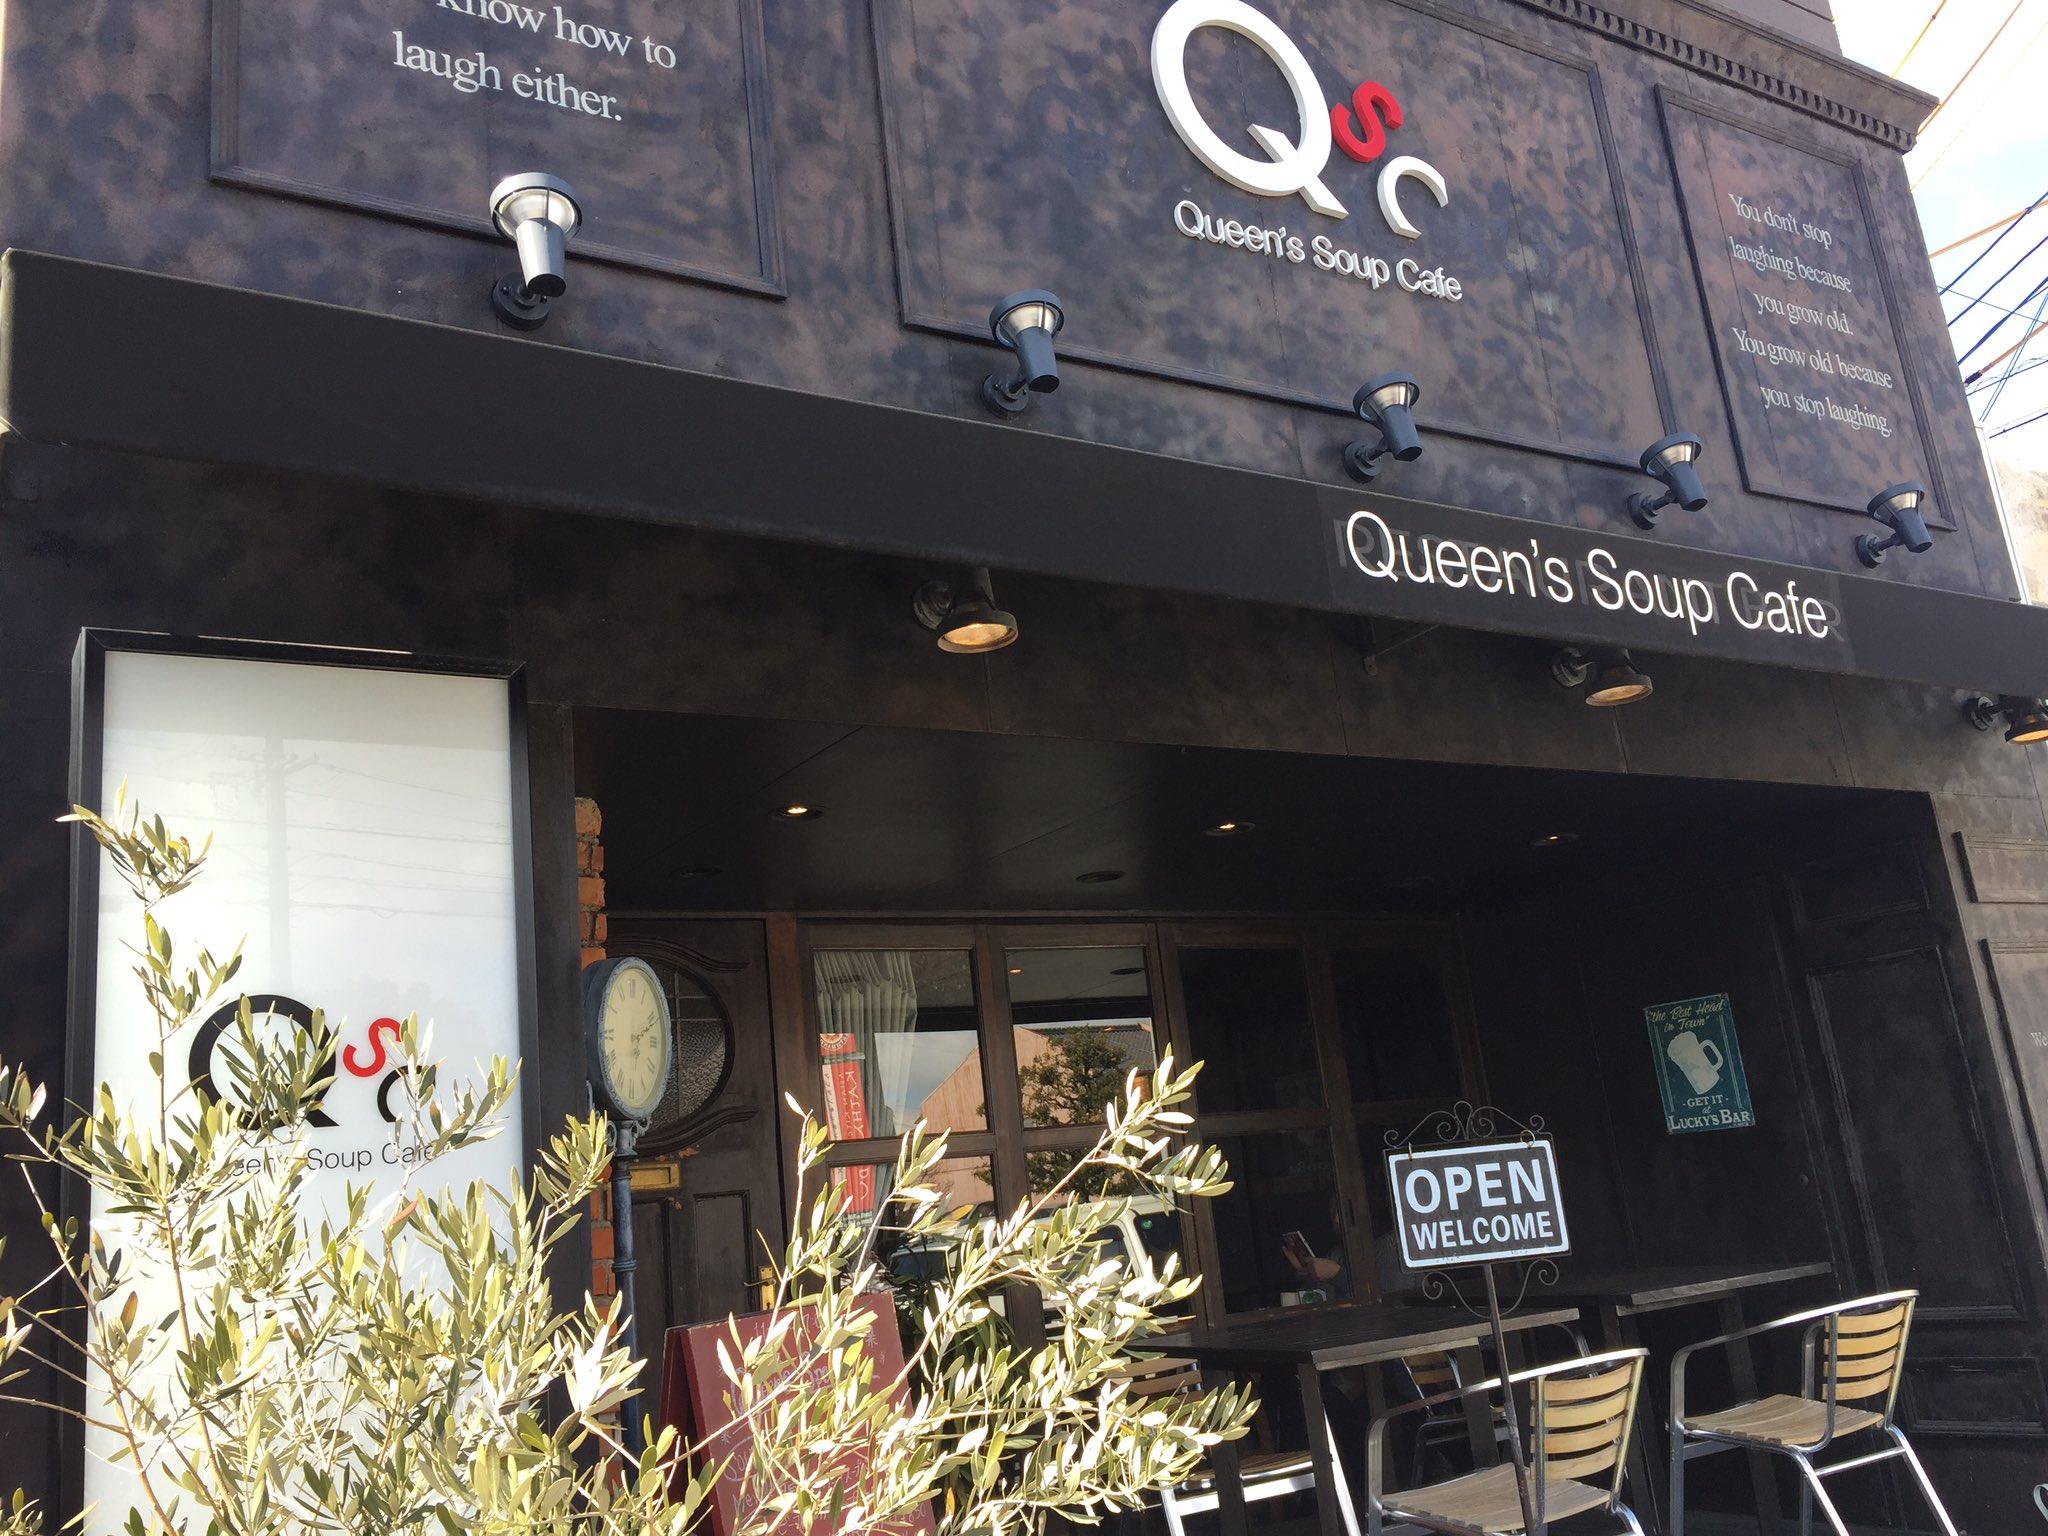 桑名市にあるQueen's Soup Cafeの外観